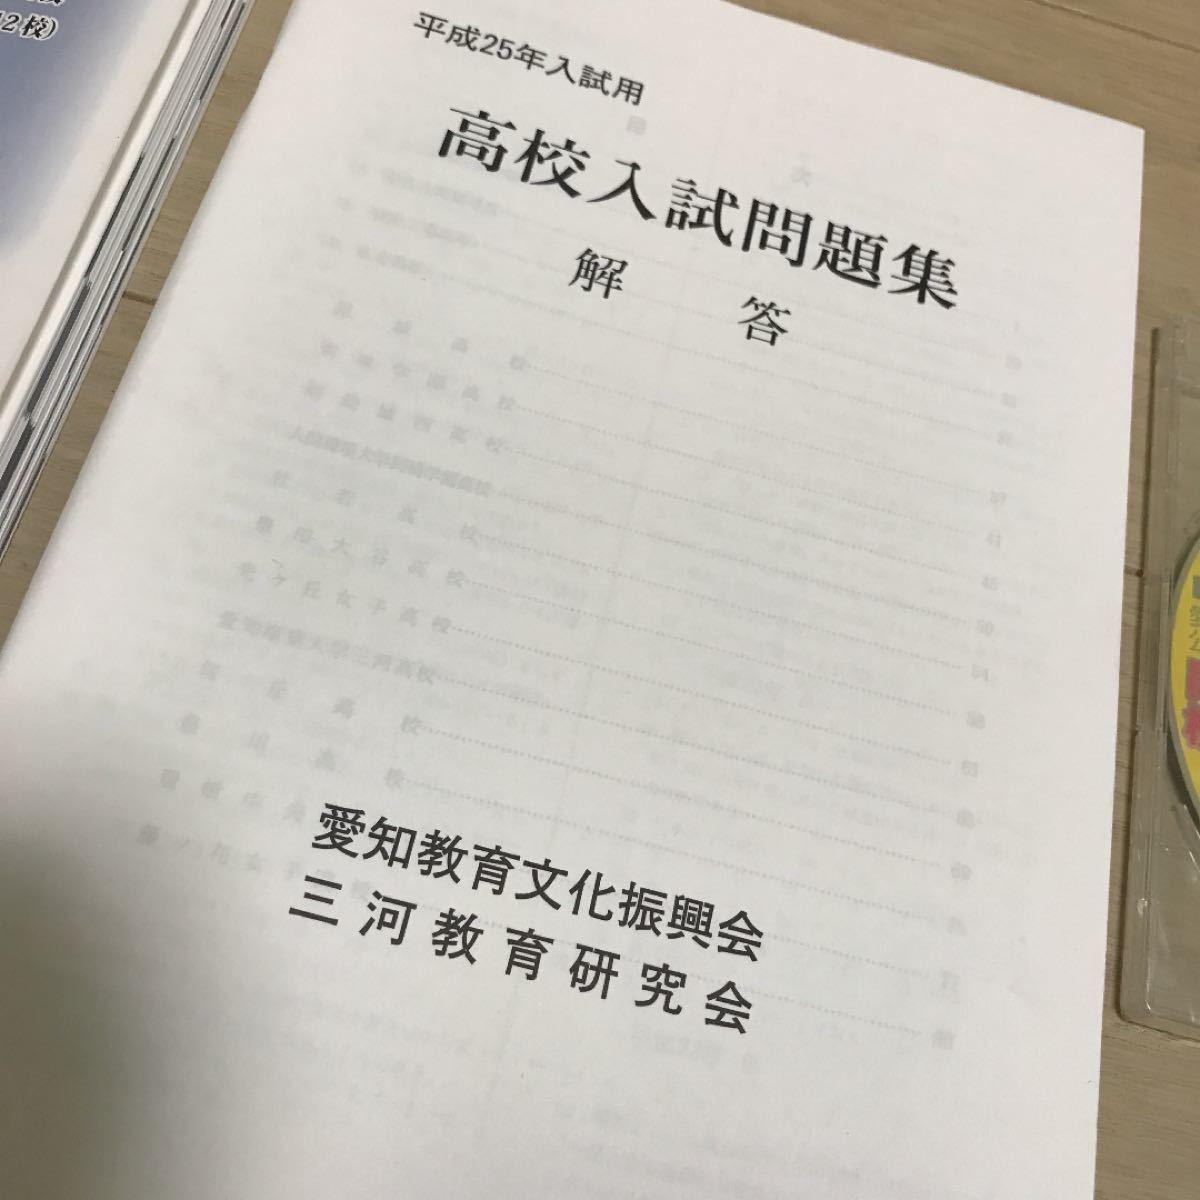 高校入試問題集 過去問 入試対策 問題集 受験対策 模試 試験対策 模擬 テスト 参考書 国語 数学 理科 社会 英語 テキスト